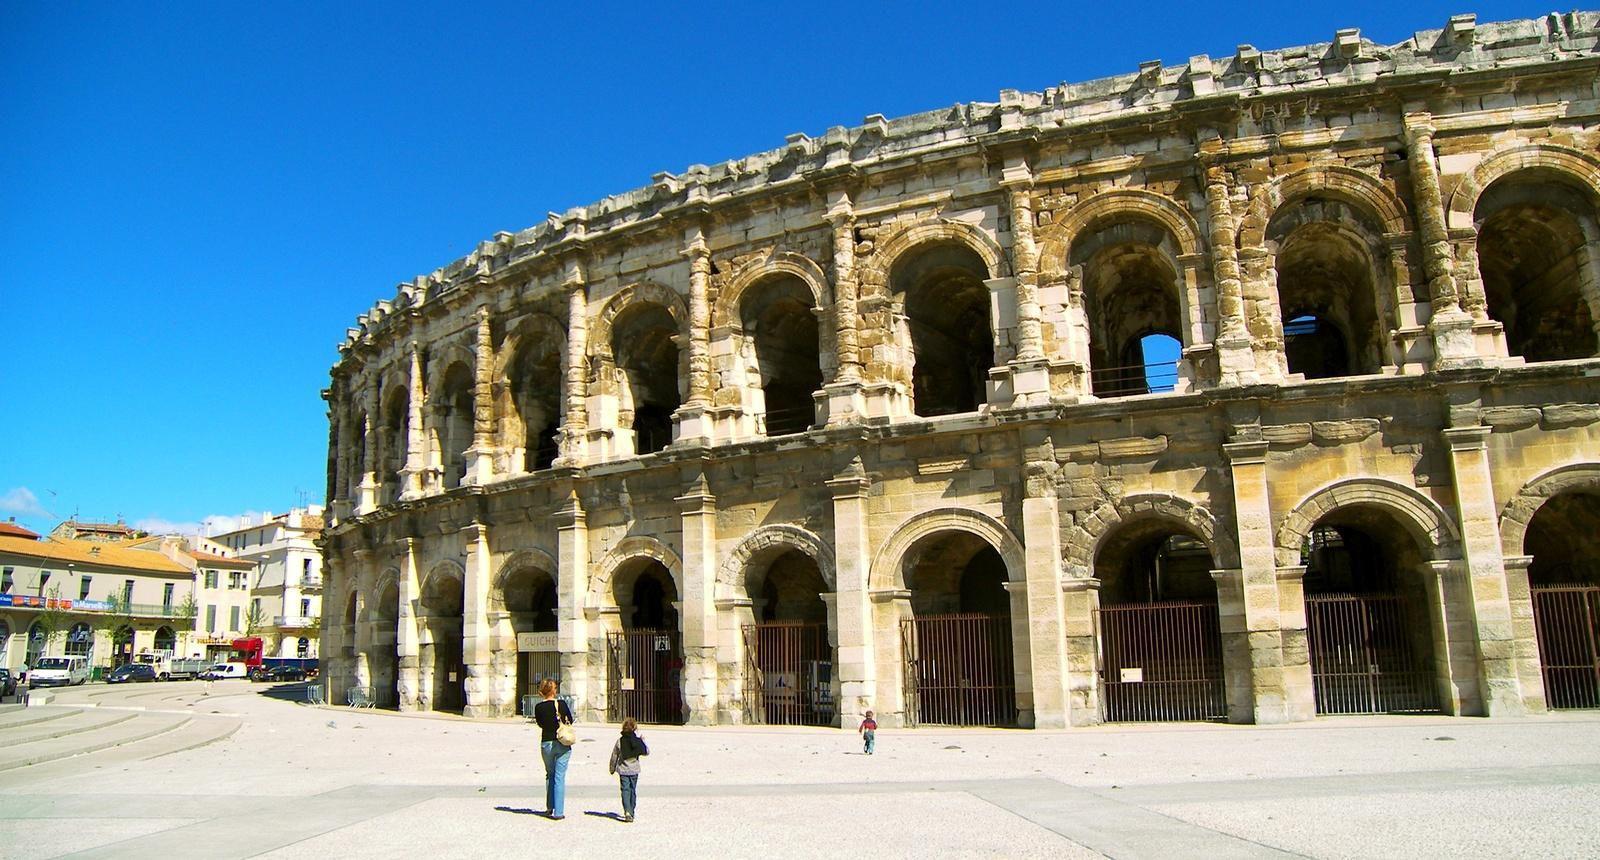 Les arènes de Nîmes, Costières (Languedoc-Roussillon)